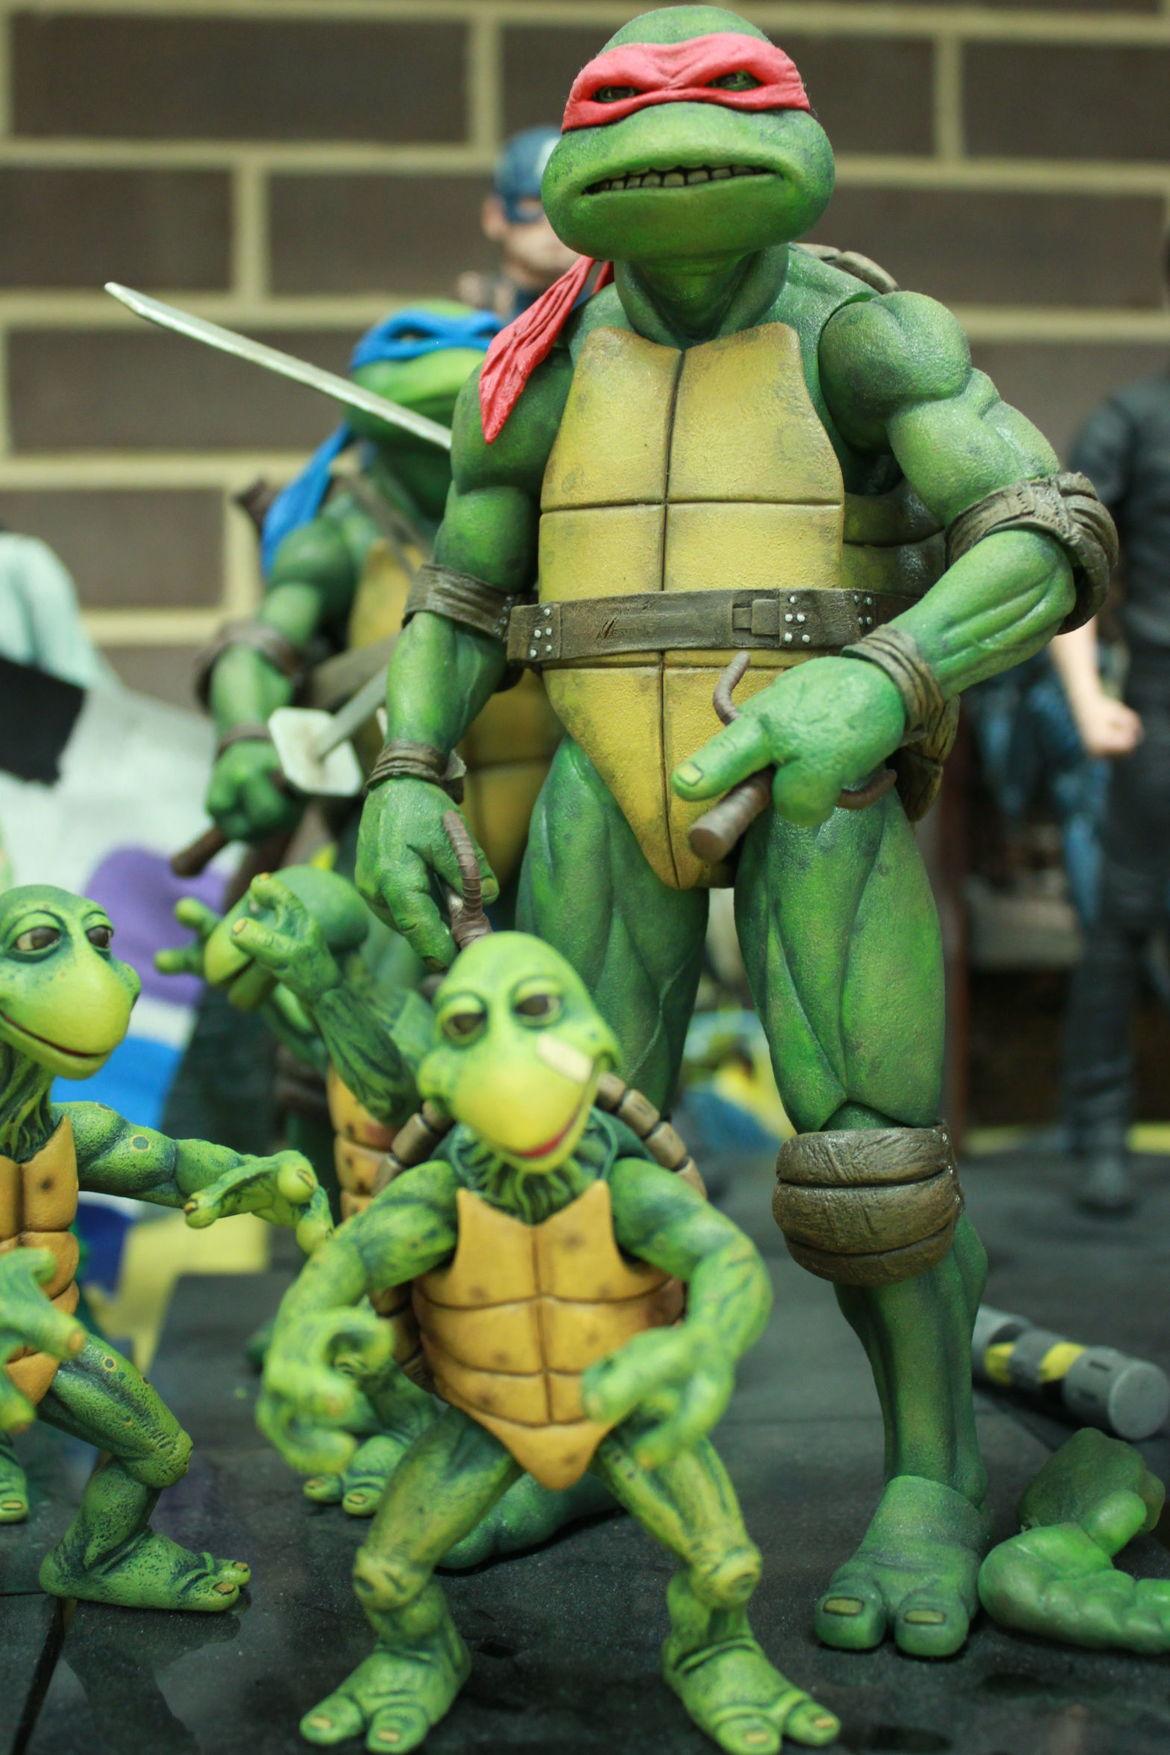 Making NECA's Teenage Mutant Ninja Turtles